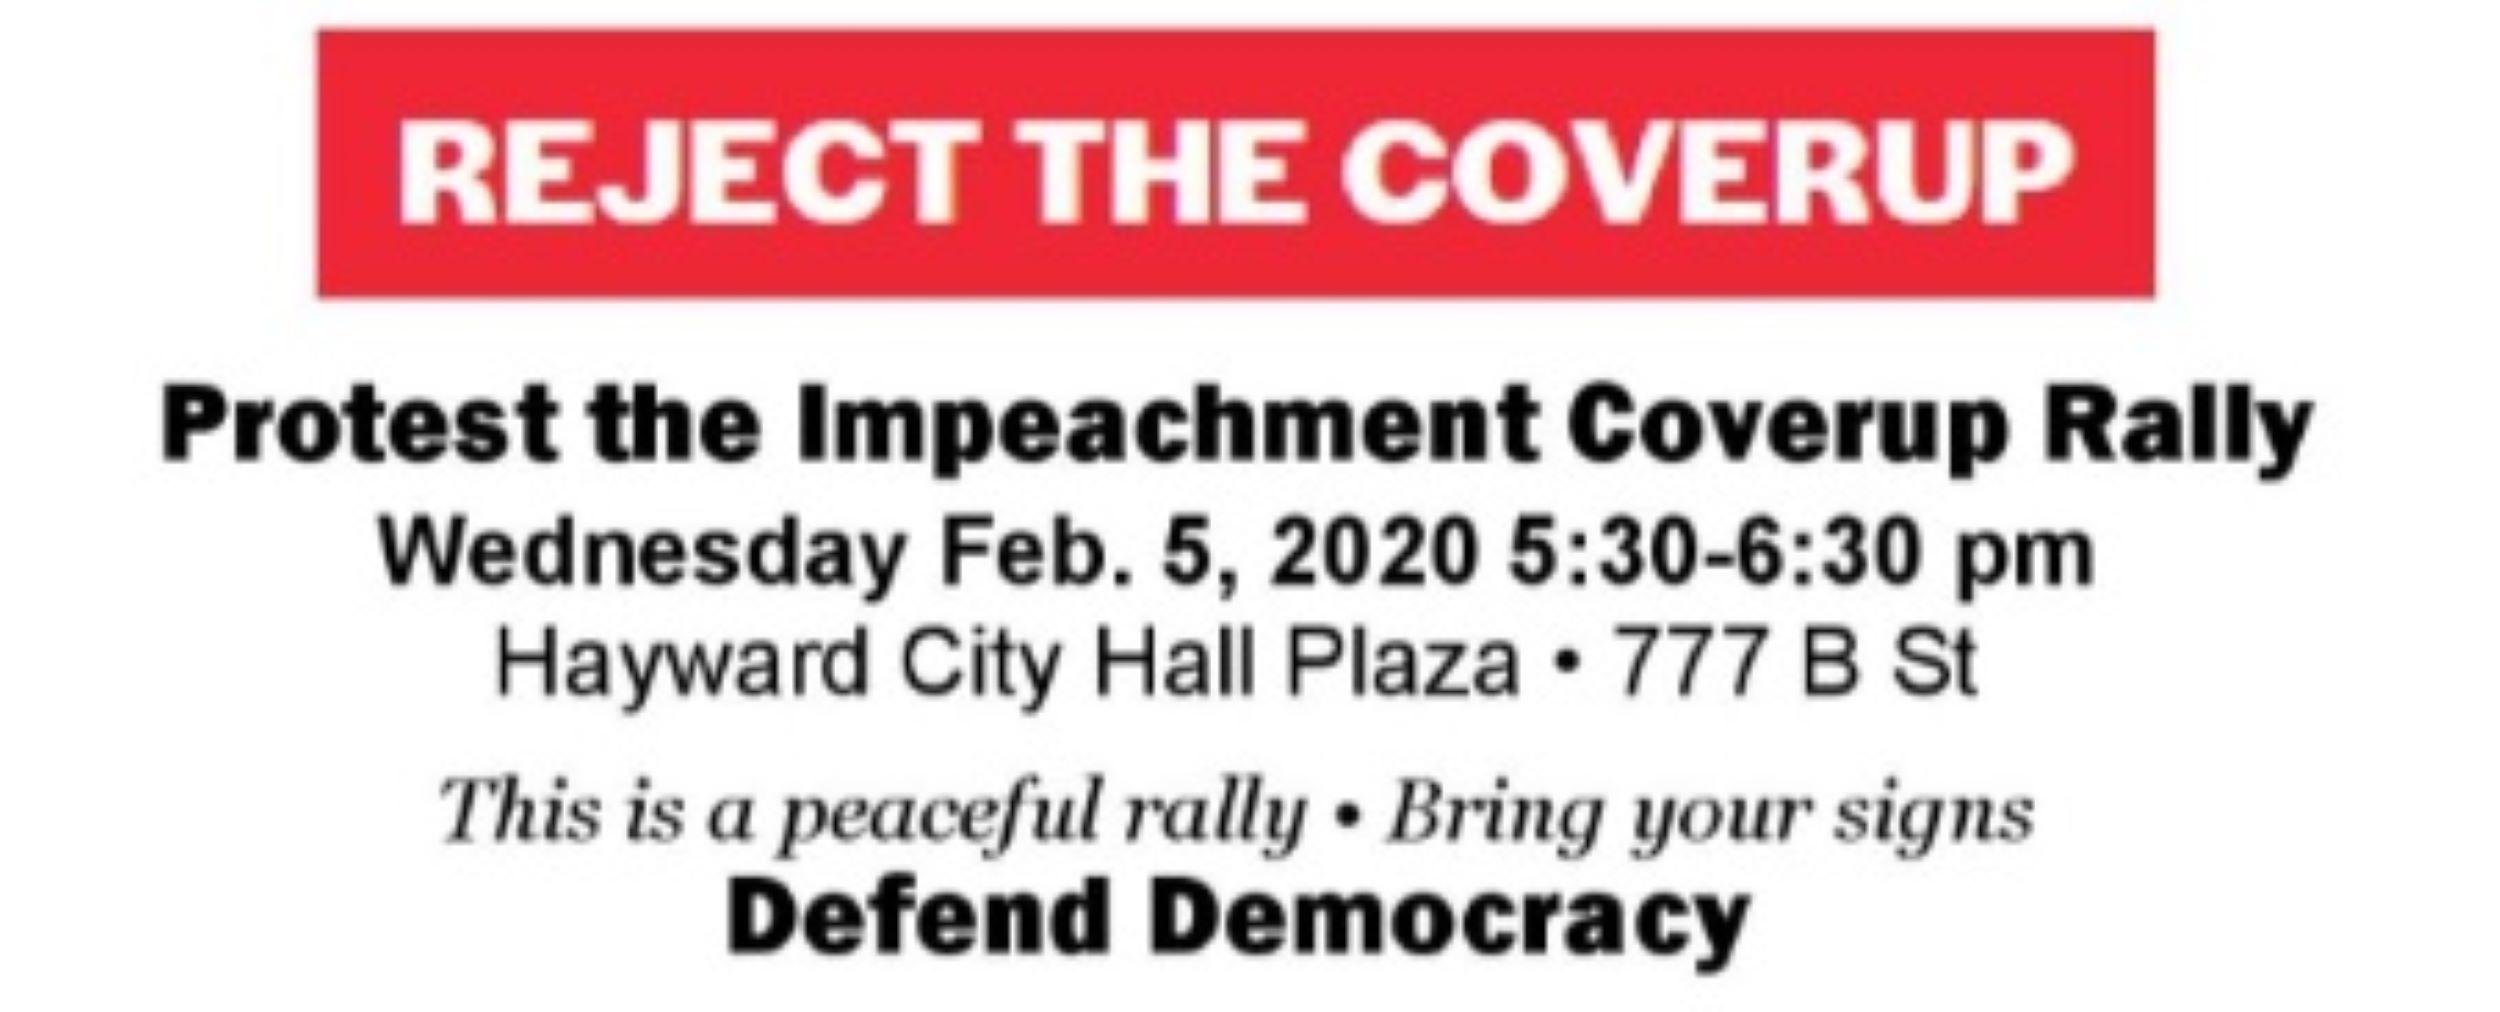 Rally_banner_feb_2020